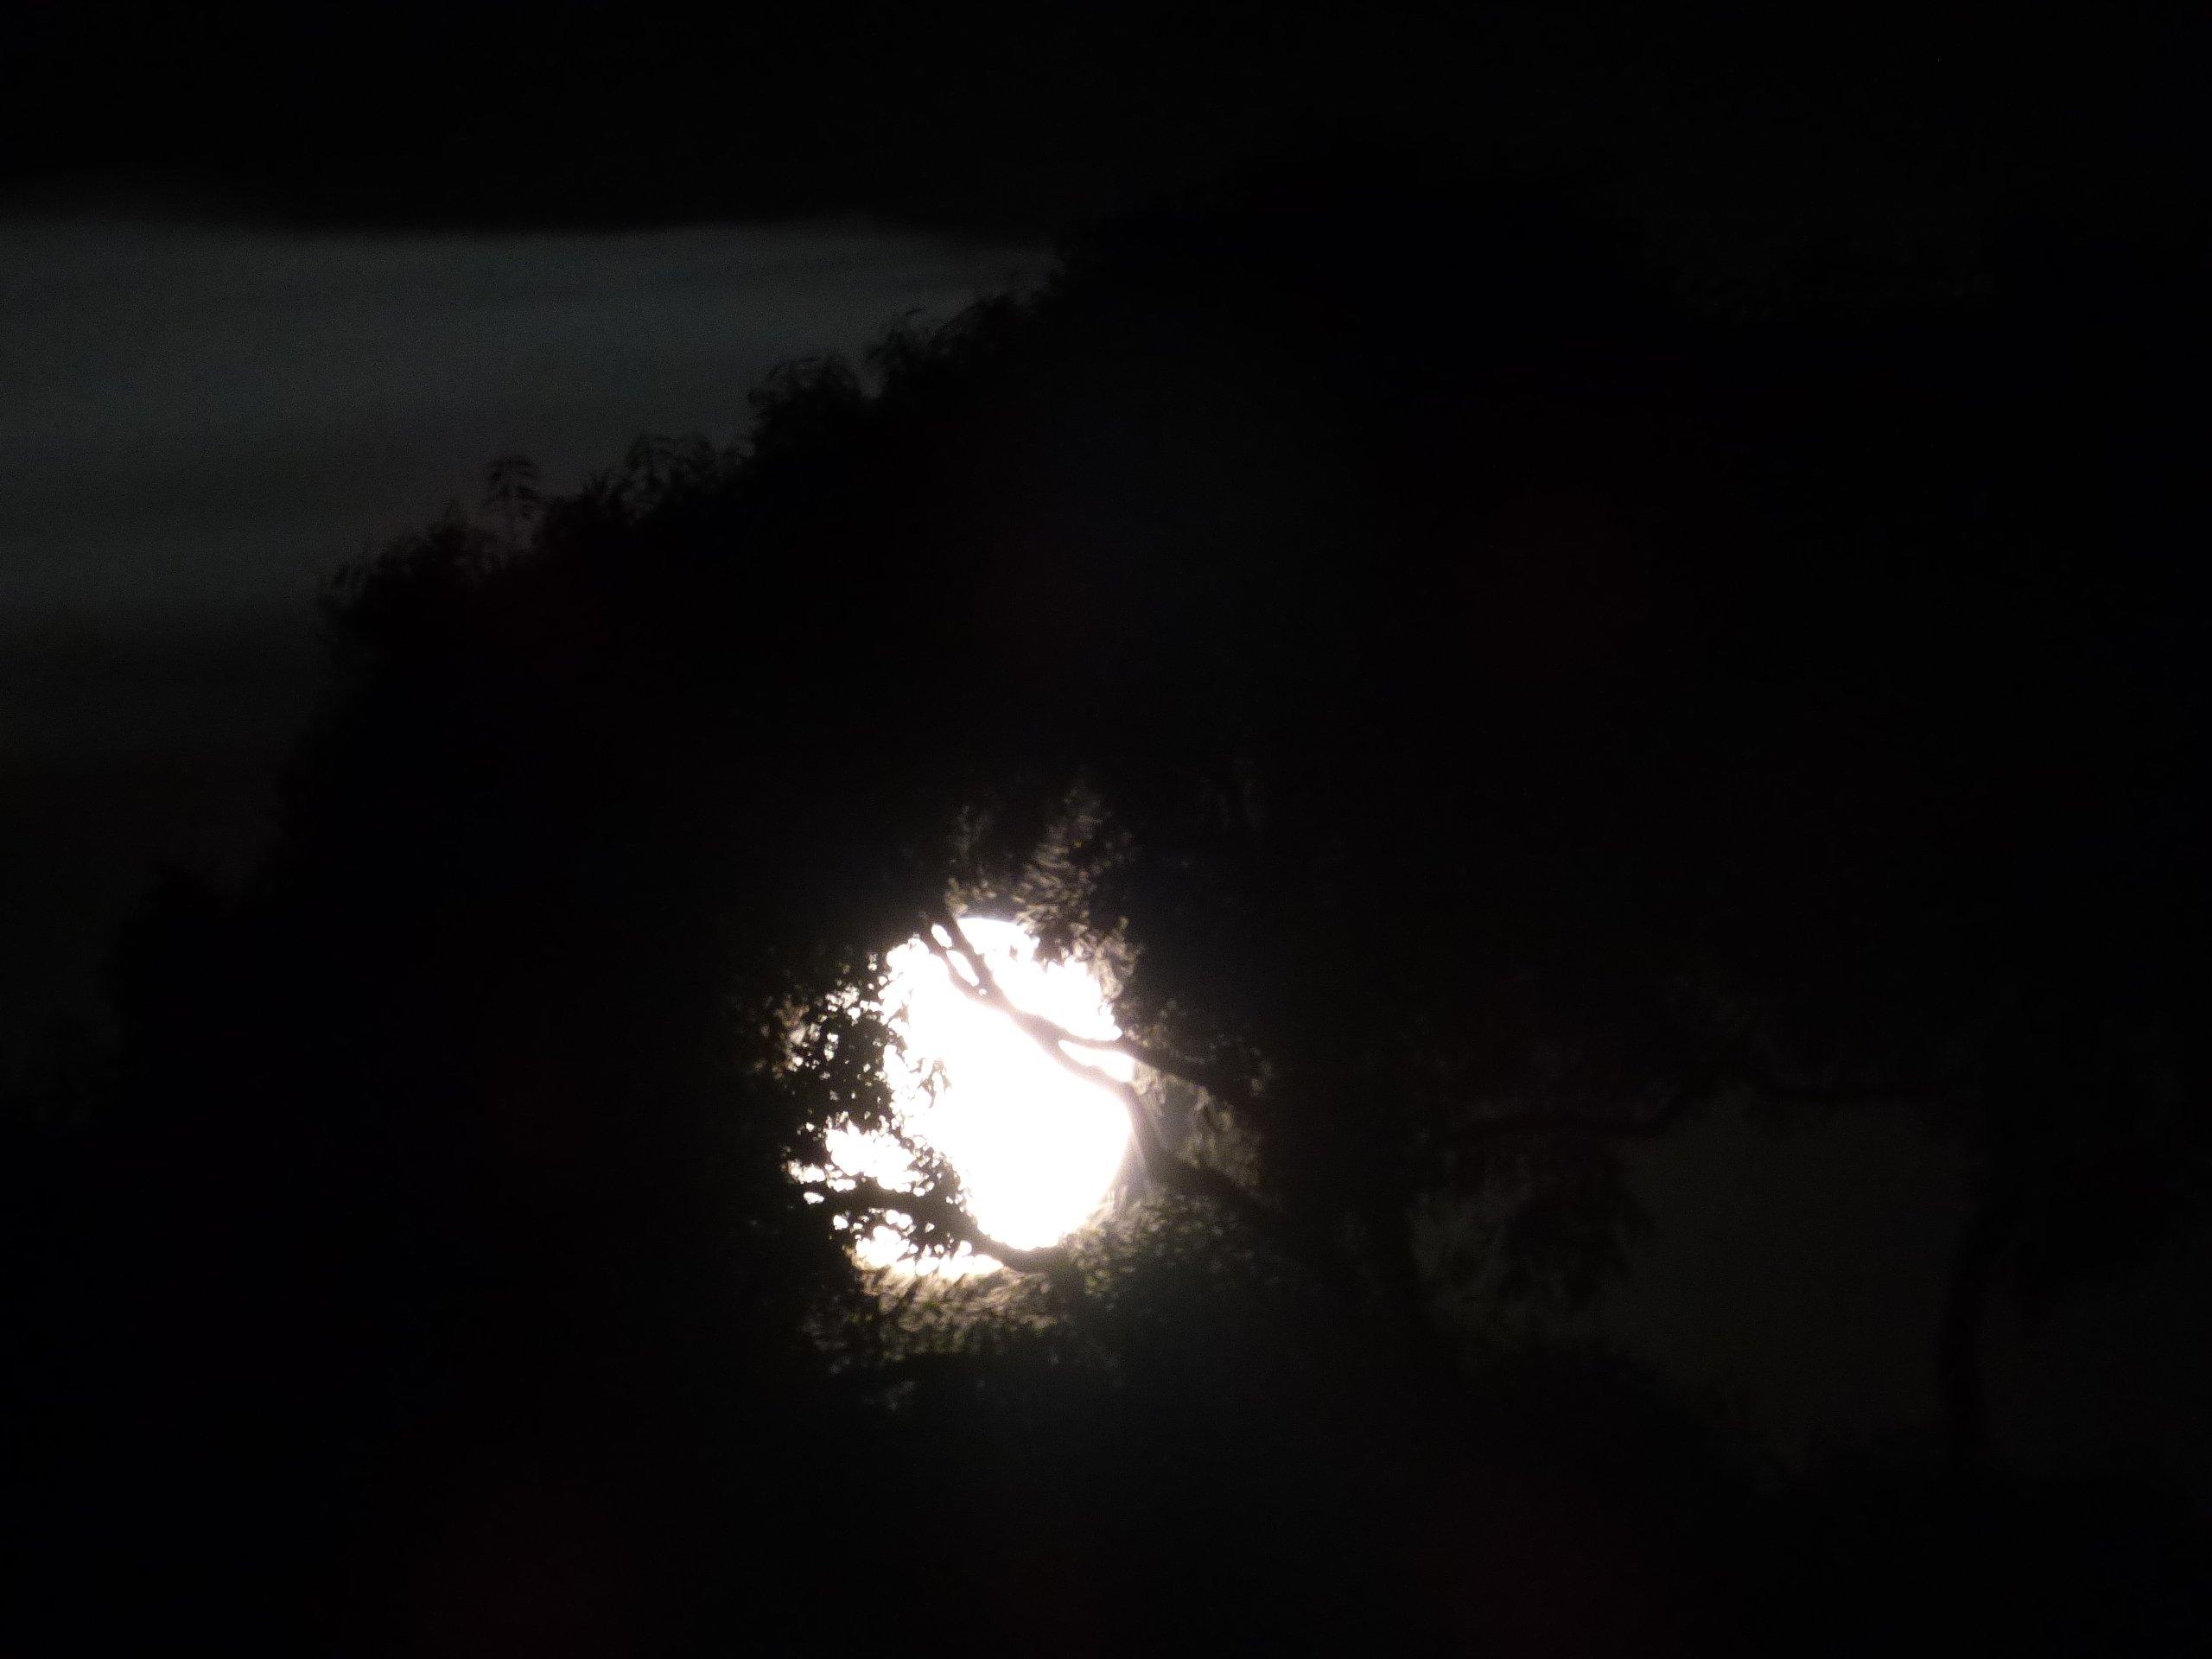 Moon Rise Illumination 93%